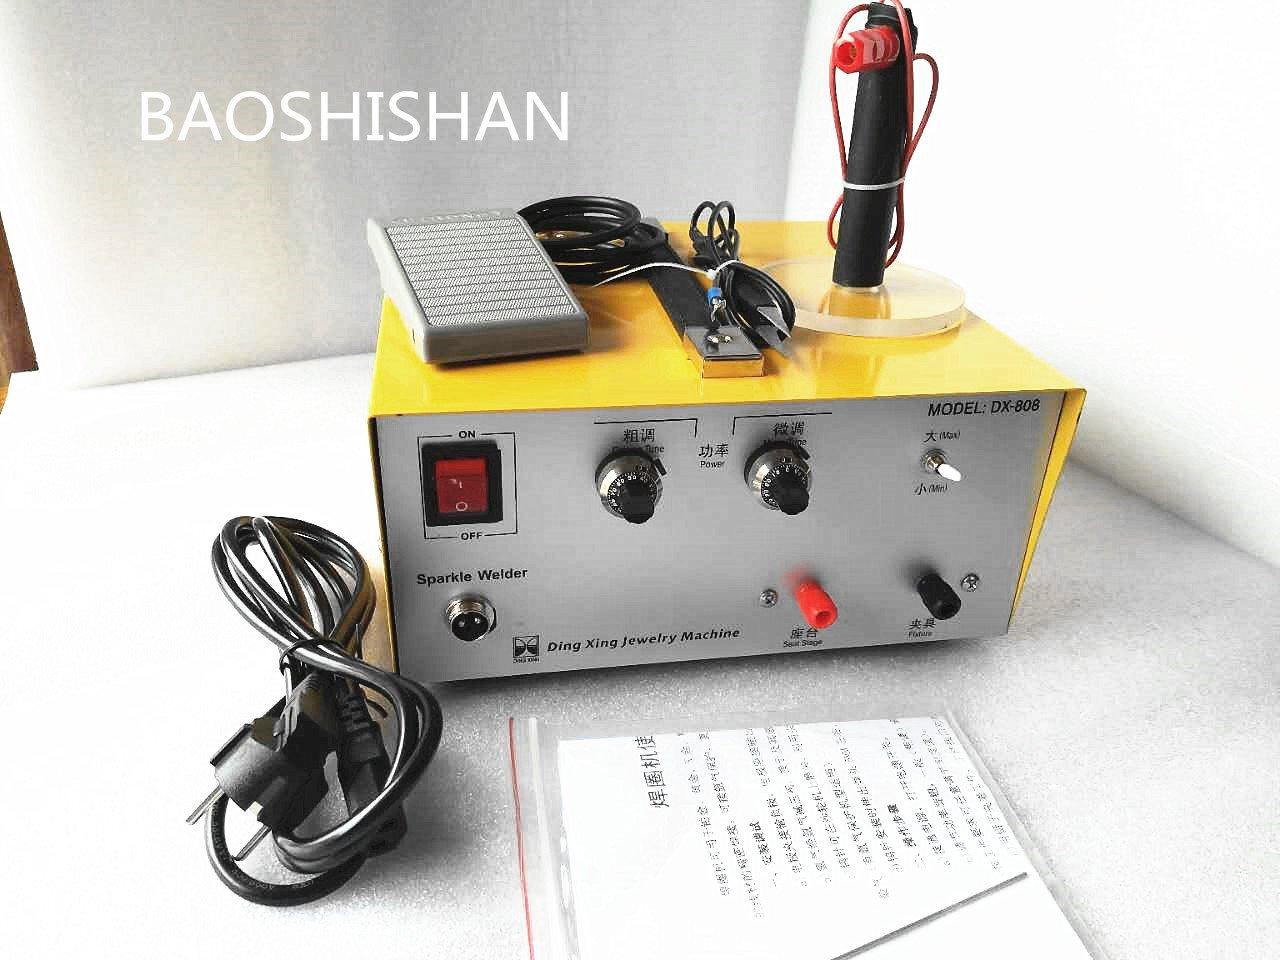 BAOSHISHAN 110V/220V 2in1 80A 500Wパルススポット溶接機 ハンドヘルドパルス 金銀プラチナ溶接マシン リングウェルダー 超強力型 ジュエリーツール (110V) 110V   B07BMNRXN5